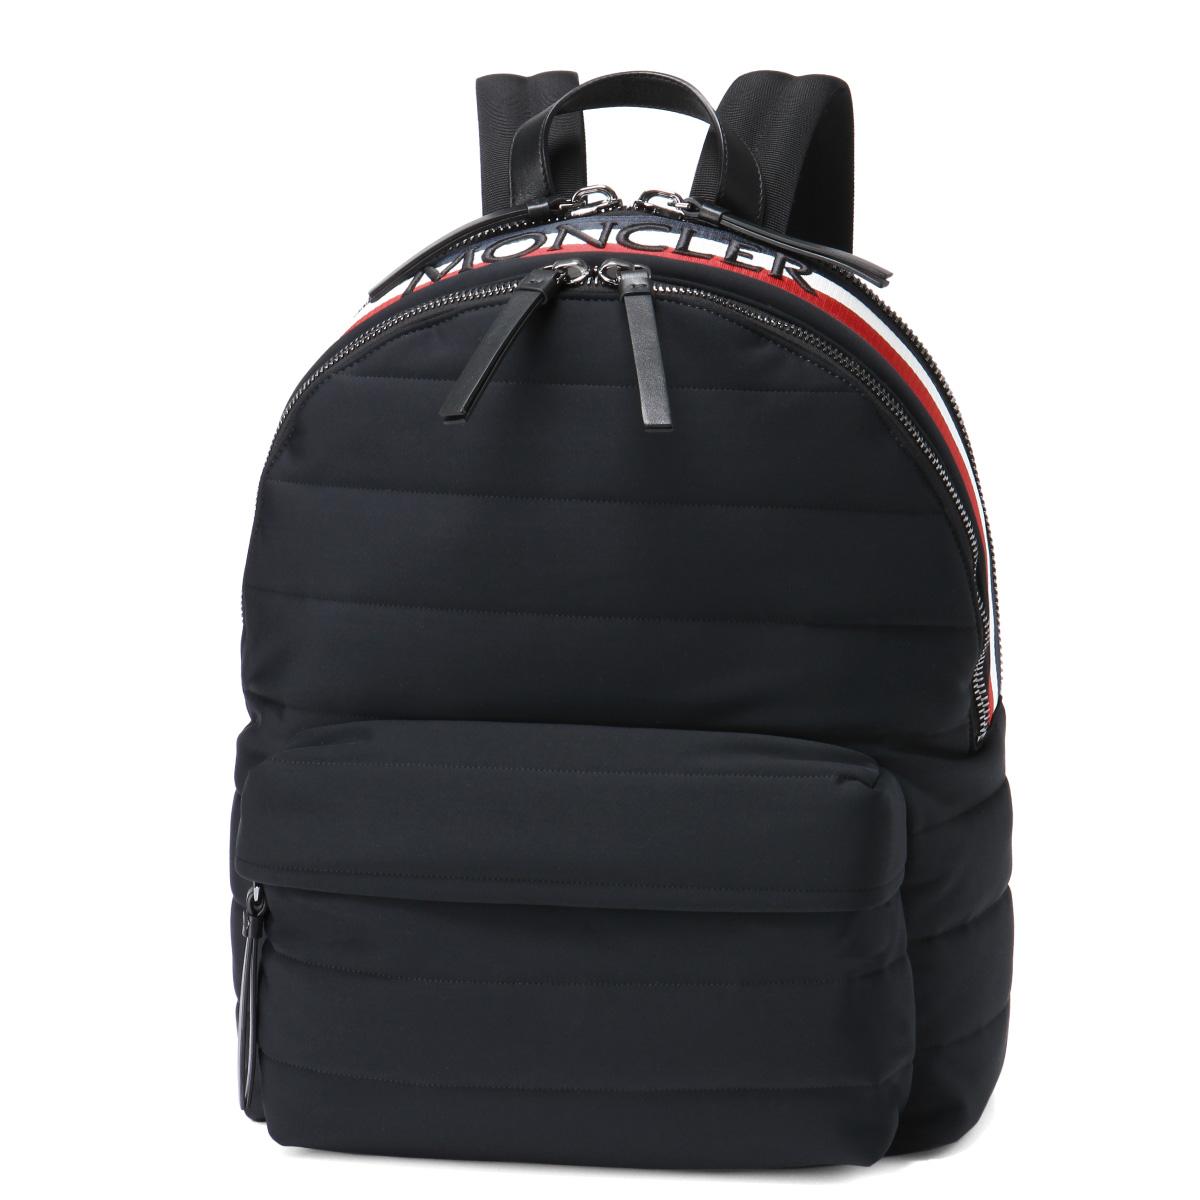 モンクレール MONCLER バッグ メンズ 0062400 539AX 999 バックパック ラージ FUGI フジ BLACK ブラック